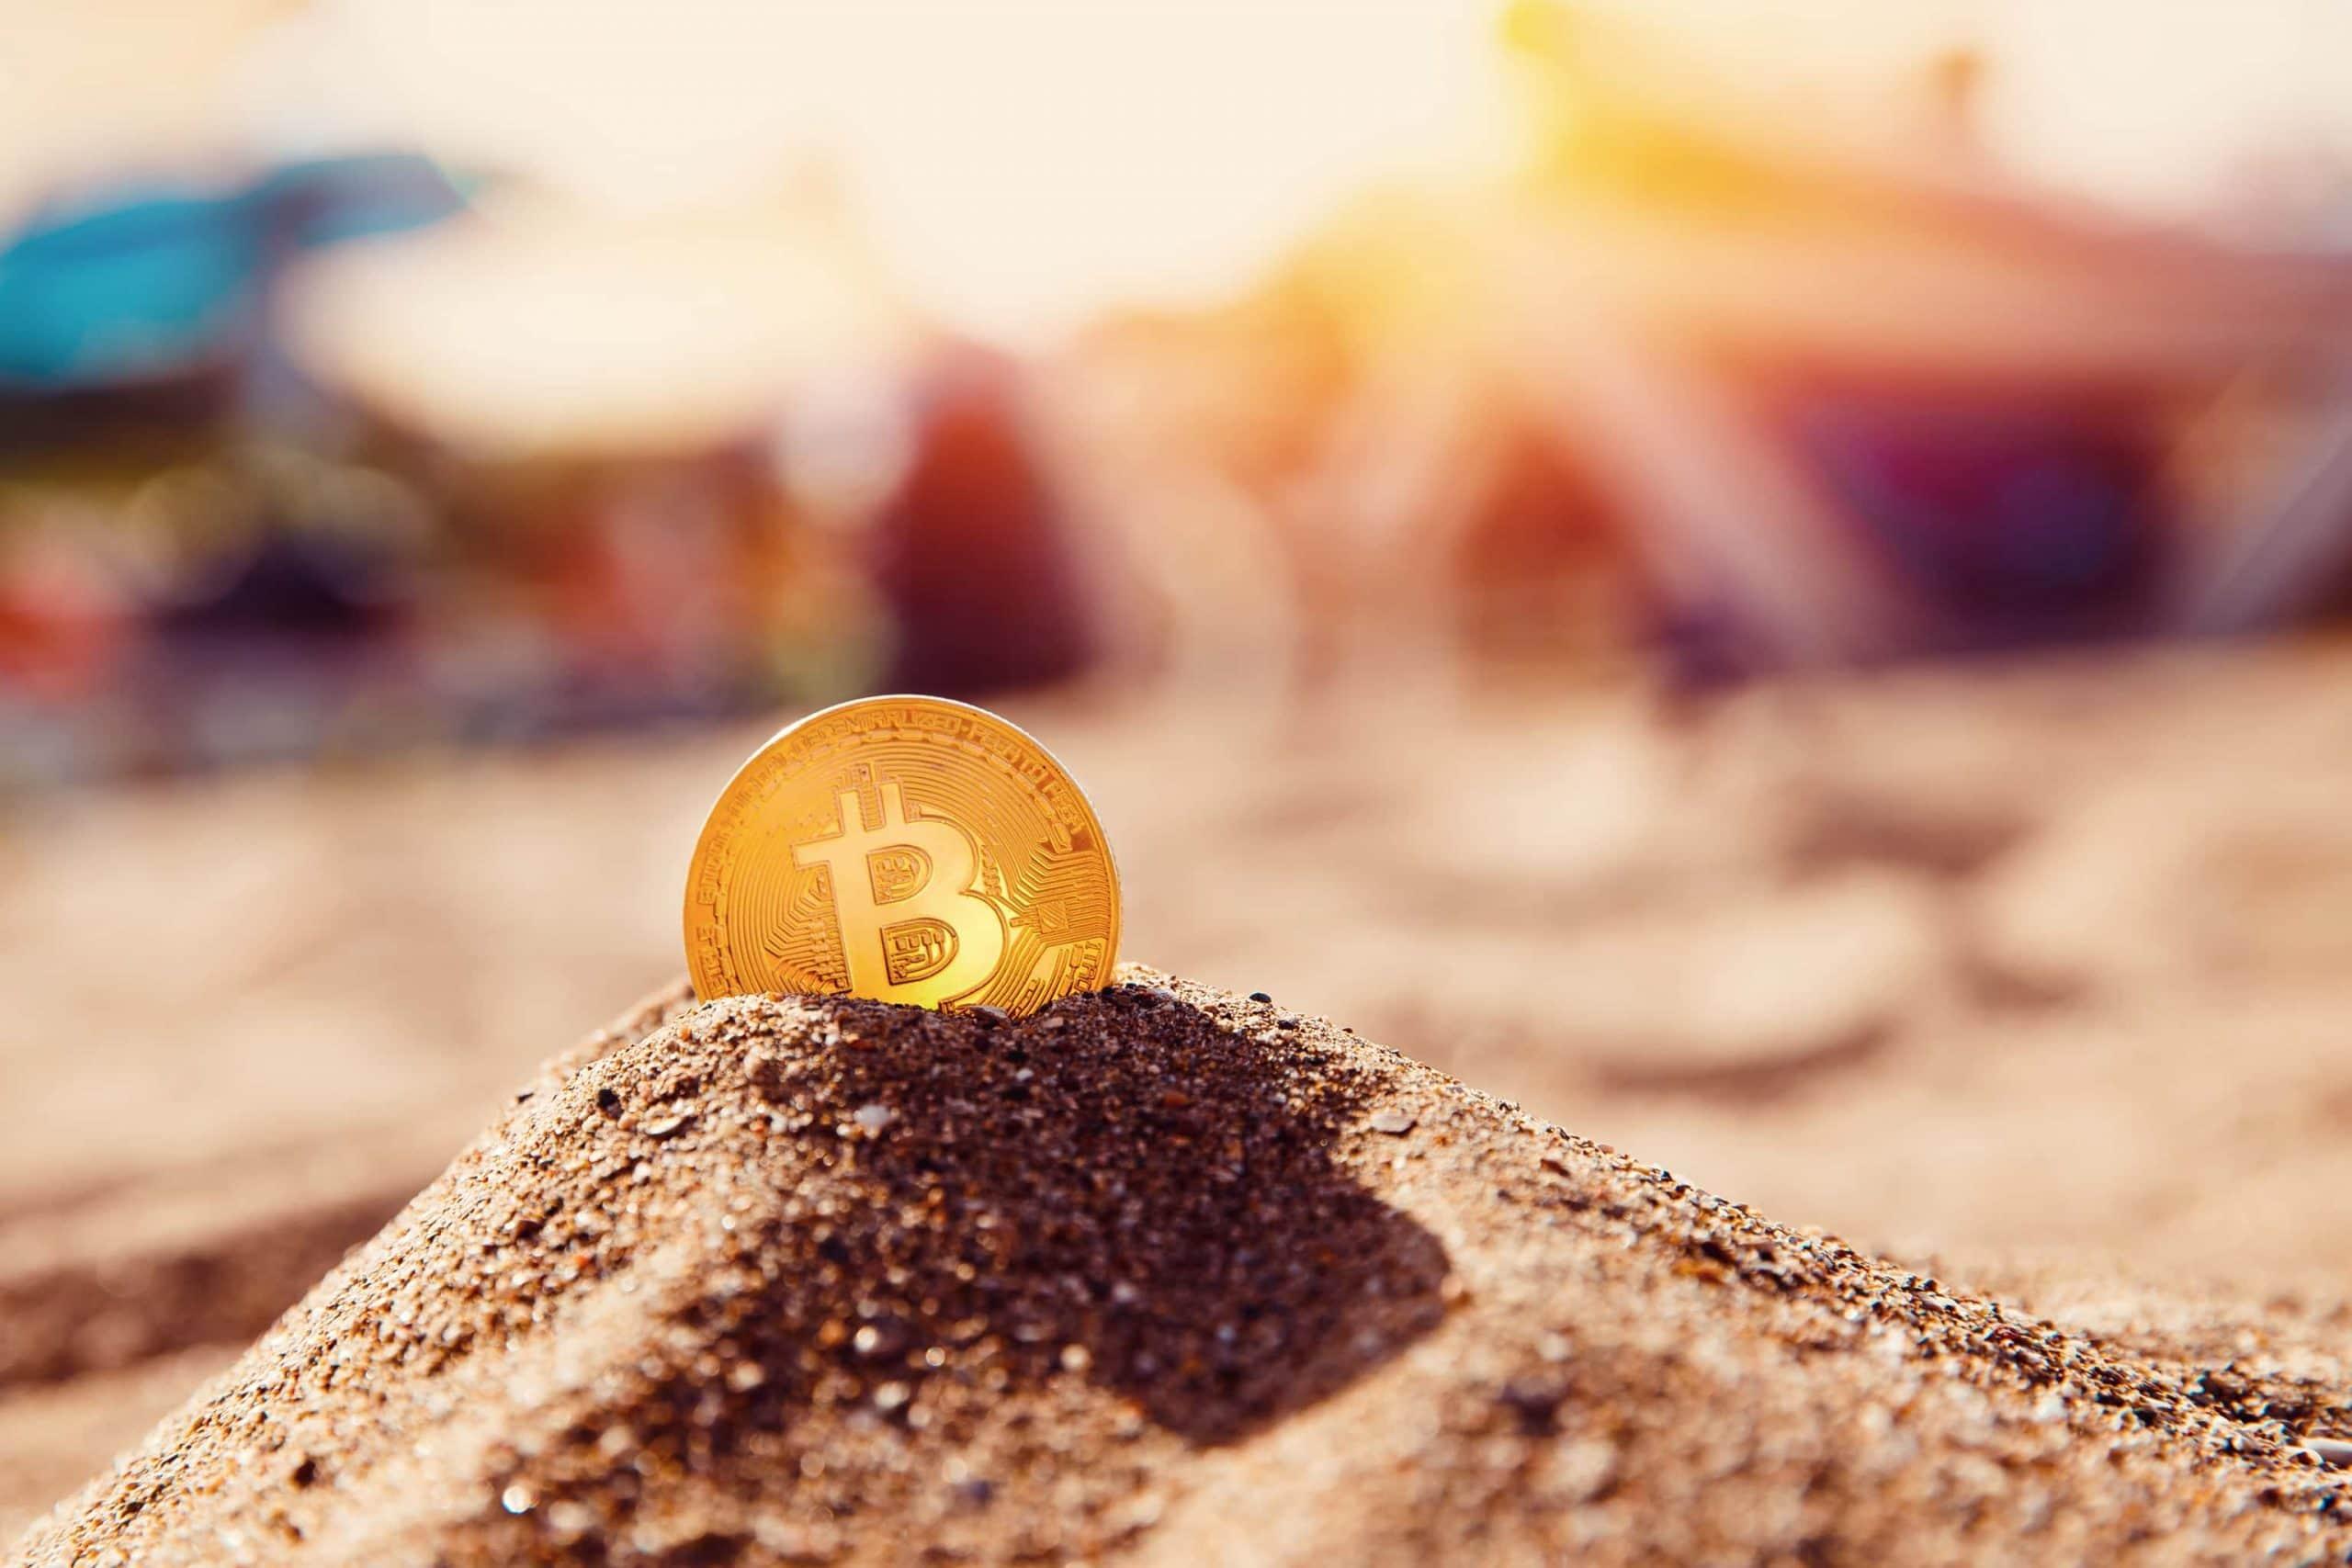 Bitcoin-Münze steckt im Sandhaufen